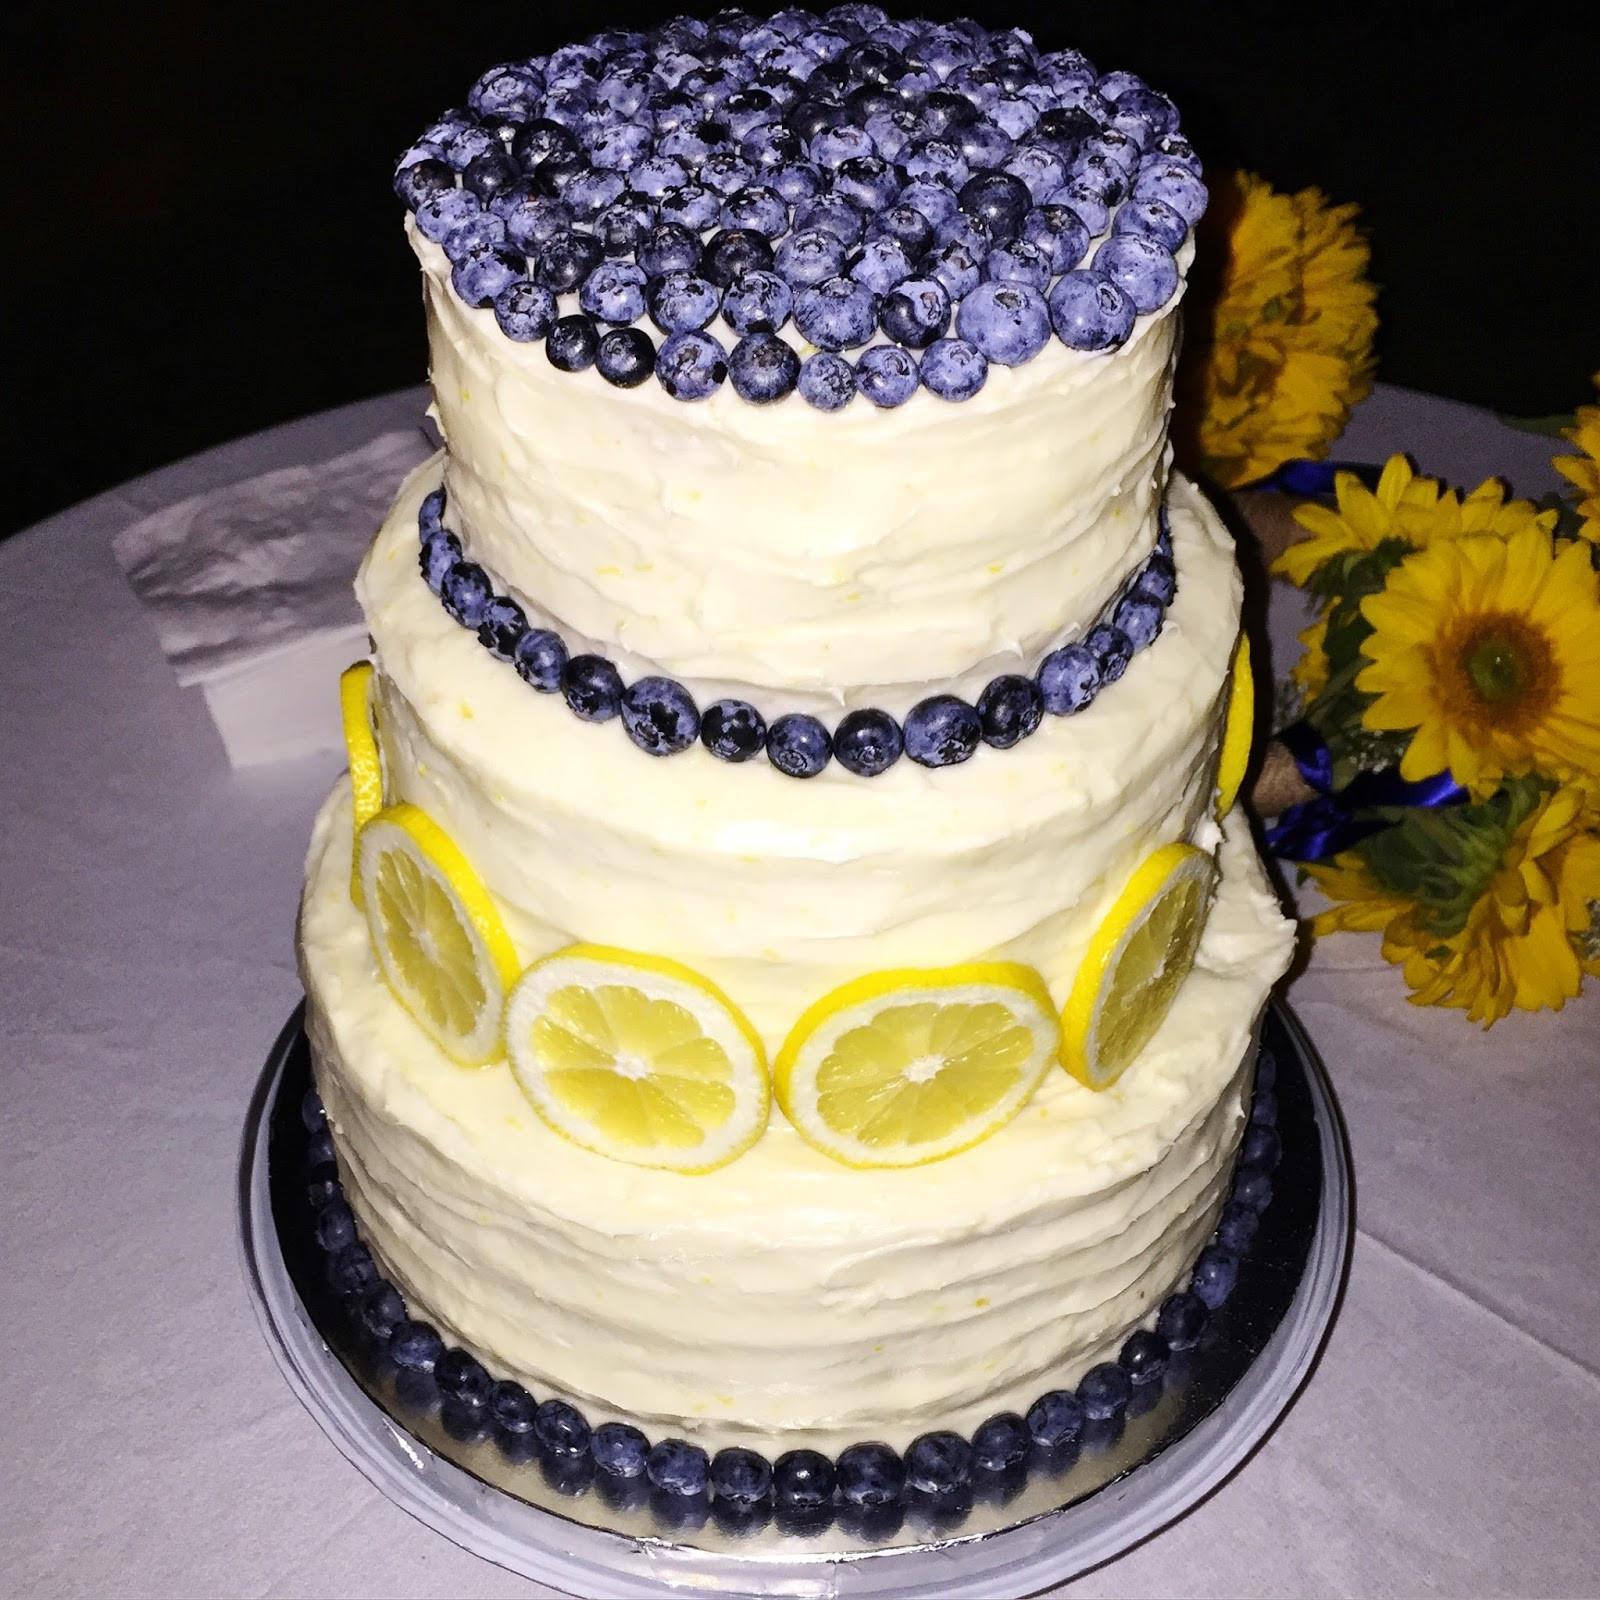 Lemon Wedding Cakes  Whisking Through Life Lemon Blueberry Cake with Lemon